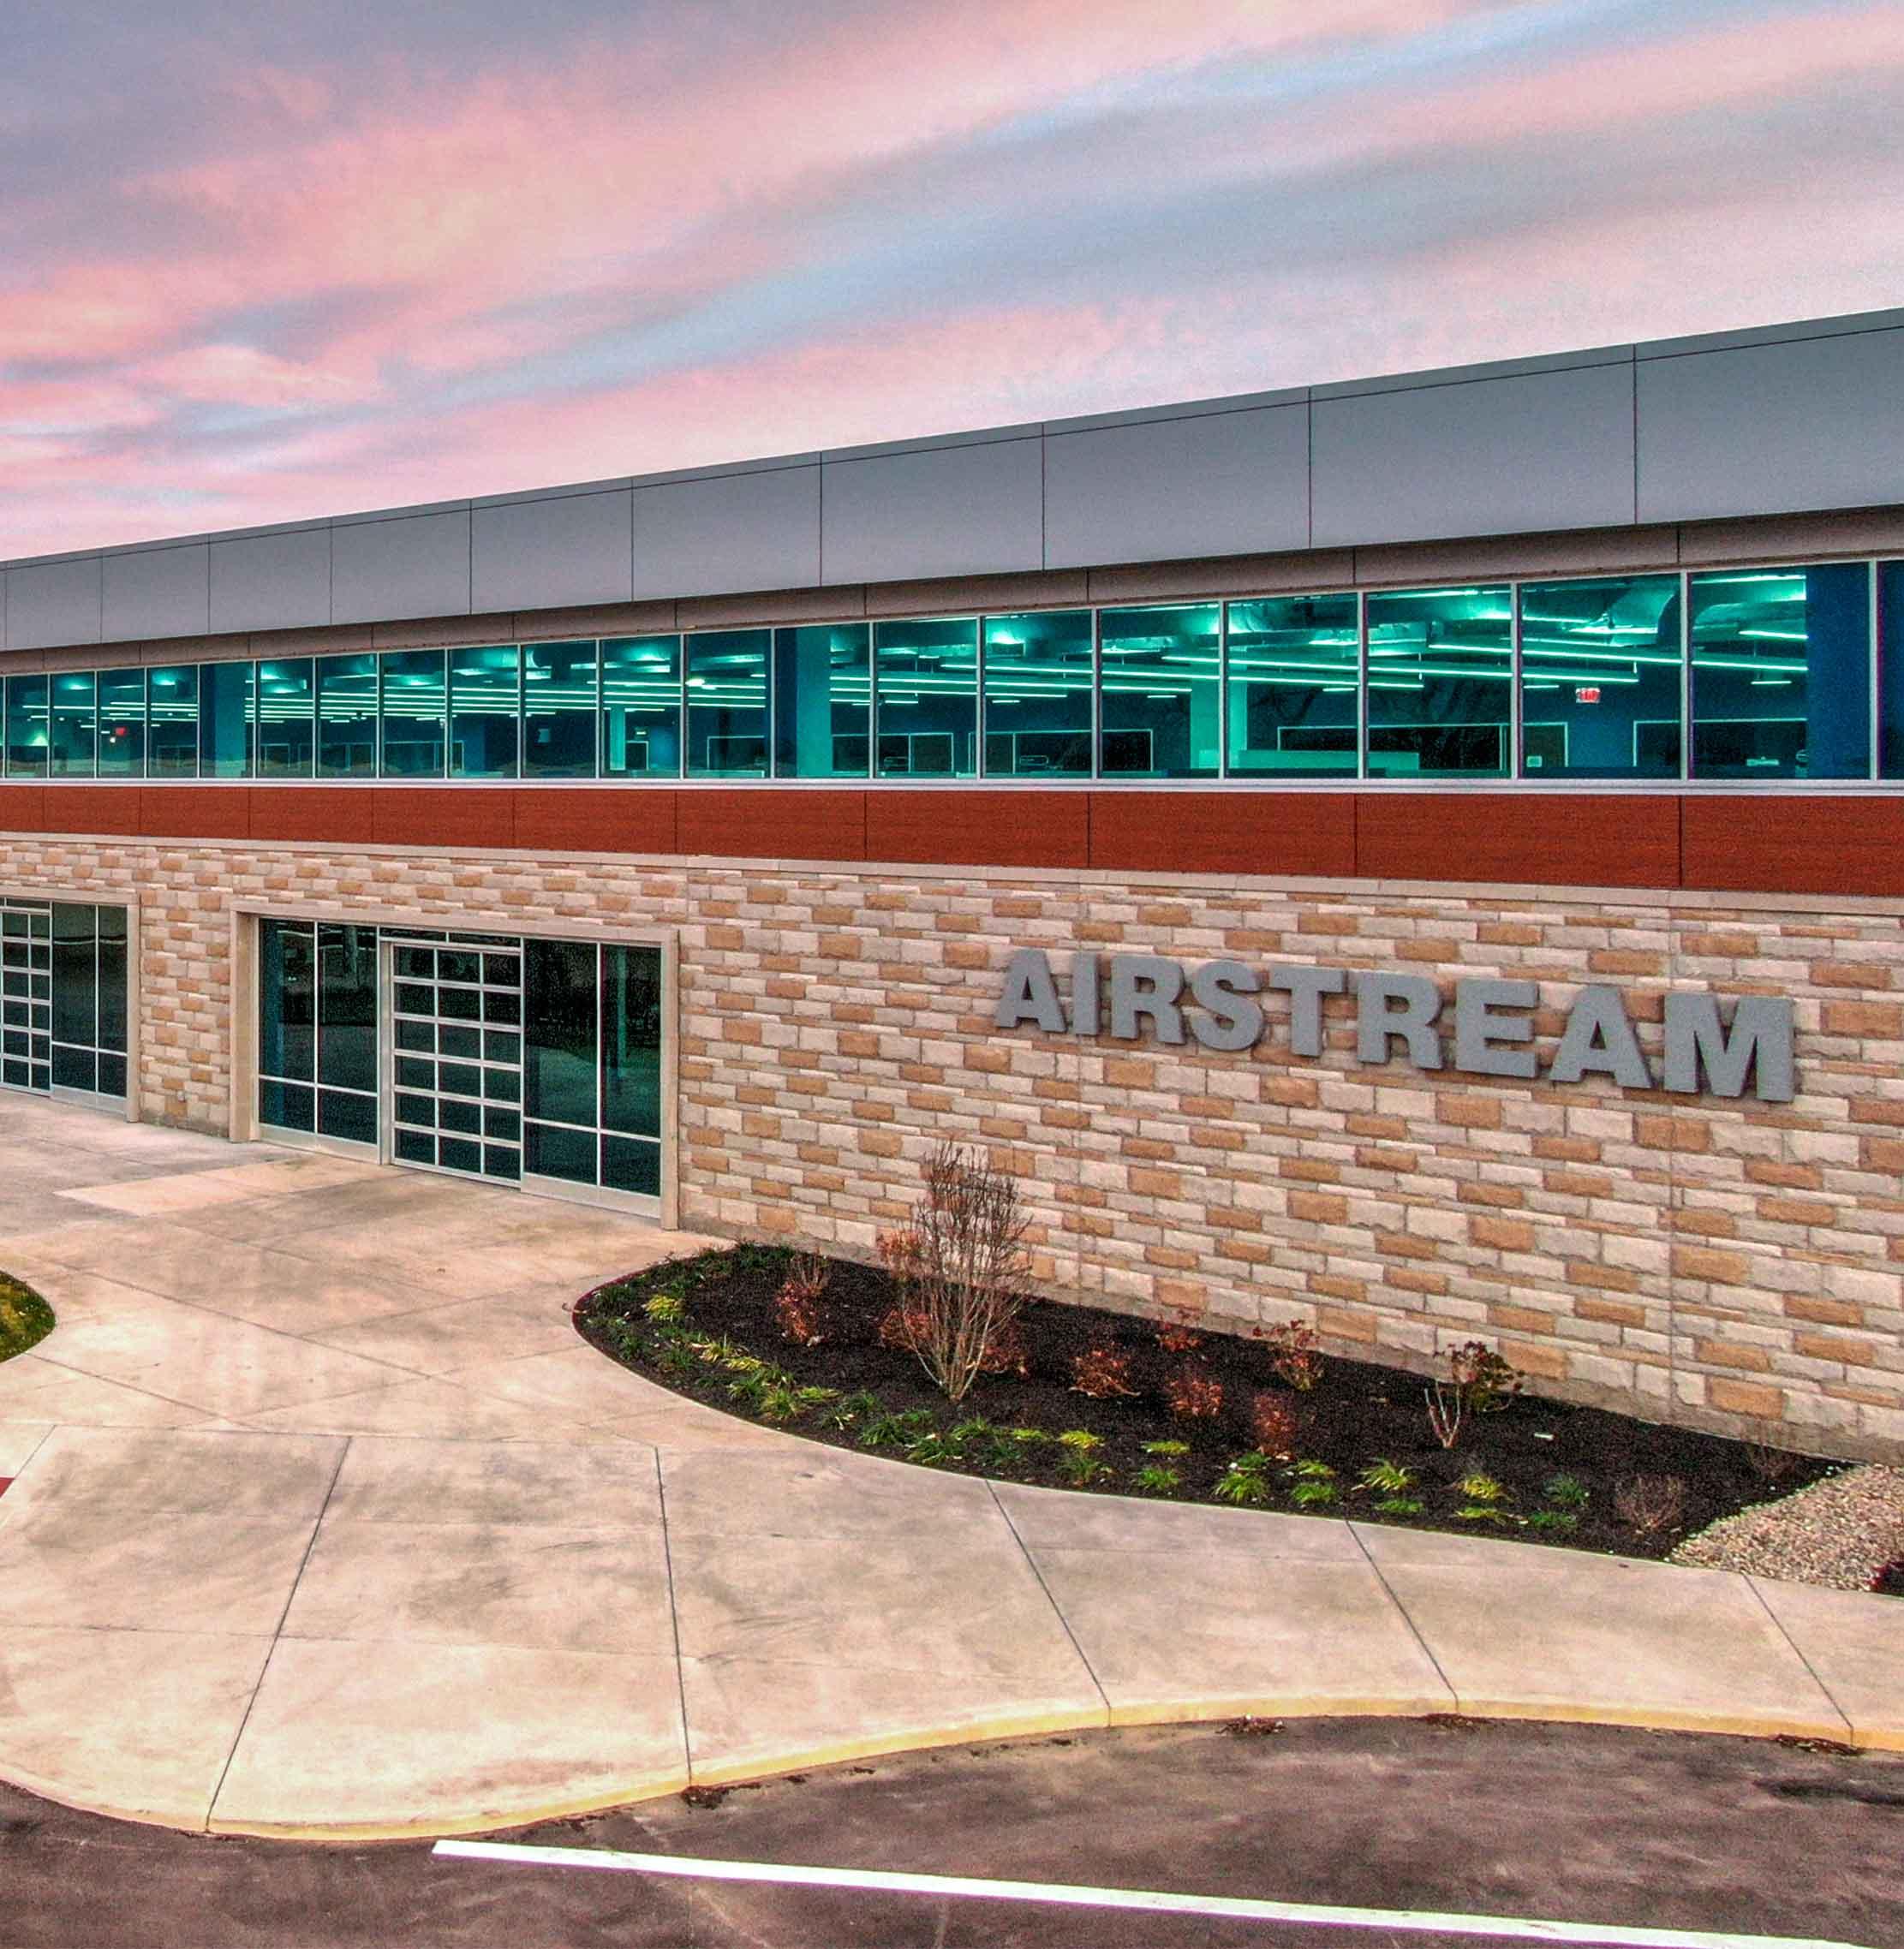 Airstream building exterior